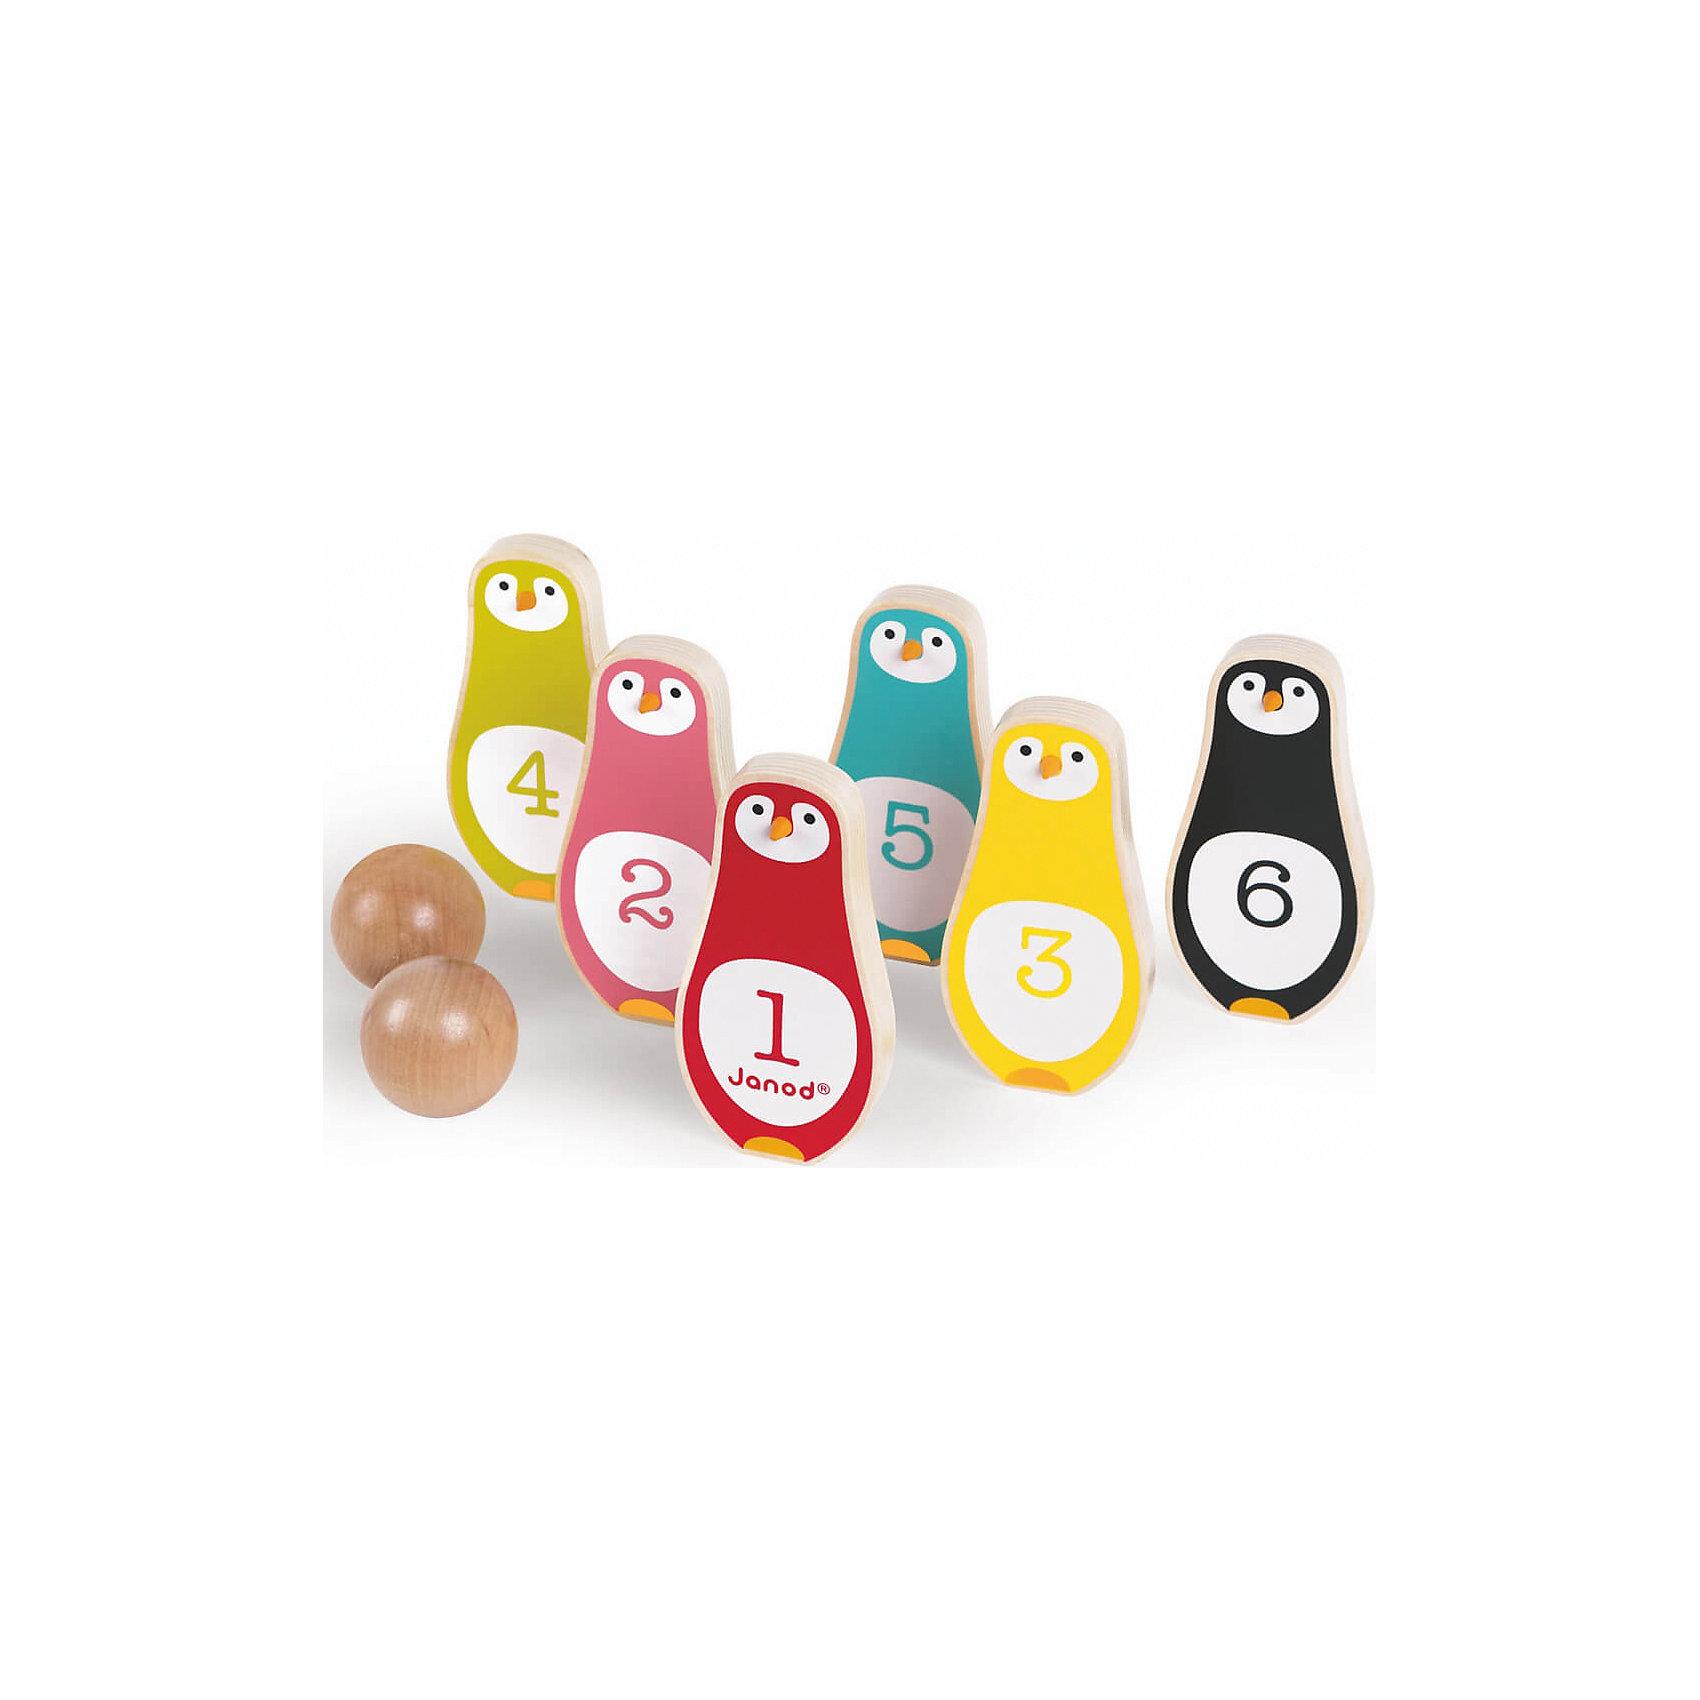 Боулинг Пингвины, JanodБоулинг Пингвины, Janod (Жанод) ? набор предназначен как для одиночной игры, так и для групповых игр. Игровой комплект выполнен из натурального дерева, окрашенного гипоаллергенными красками на водной основе. <br>Боулинг Пингвины, Janod (Жанод) состоит из шести кеглей в форме забавных пингвинов разного цвета: желтый, красный, розовый, зеленый, черный, голубой. На животике у каждого пингвина нанесена цифра от 1 до 6.  В комплекте имеются 2 деревянных шара. Играя в боулинг, ребенок развивает координацию движений, концентрацию внимания, учится играть совместно с другими детьми, соблюдать требования и правила. Кроме того, в процессе игры, научится различать цвета и считать до 6-ти.<br>Боулинг Пингвины, Janod (Жанод) упакован в текстильный мешок с завязками, поэтому его не только удобно хранить, но и брать с собой на прогулку или в путешествия.<br> <br>Дополнительная информация:<br><br>- Вид игр: спортивные (подвижные)<br>- Предназначение: для дома, для улицы<br>- Материал: дерево, текстиль <br>- Комплектация: 6 кеглей, 2 шара, мешок<br>- Вес всего комплекта: 410 г<br>- Размер всей упаковки (Д*Ш*В): 15,5*7*20 см<br>- Особенности ухода: разрешается протирать сухой губкой<br><br>Подробнее:<br><br>• Для детей в возрасте: от 3 лет<br>• Страна производитель: Китай<br>• Торговый бренд: Janod<br><br>Боулинг Пингвины, Janod (Жанод) можно купить в нашем интернет-магазине.<br><br>Ширина мм: 15<br>Глубина мм: 7<br>Высота мм: 20<br>Вес г: 500<br>Возраст от месяцев: 36<br>Возраст до месяцев: 2147483647<br>Пол: Унисекс<br>Возраст: Детский<br>SKU: 4871794